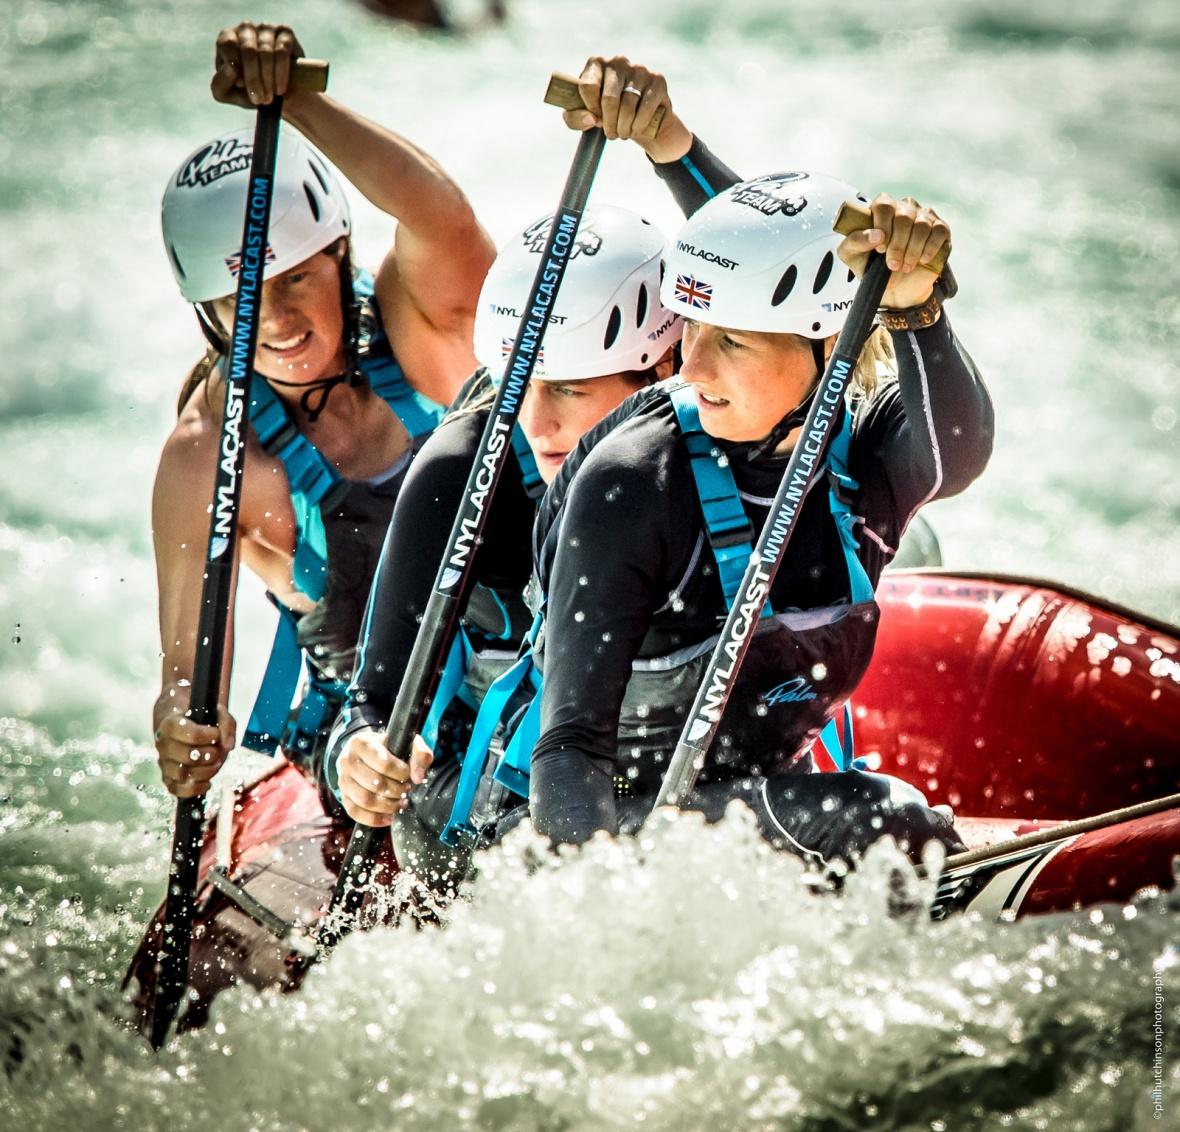 GB Rafting Team